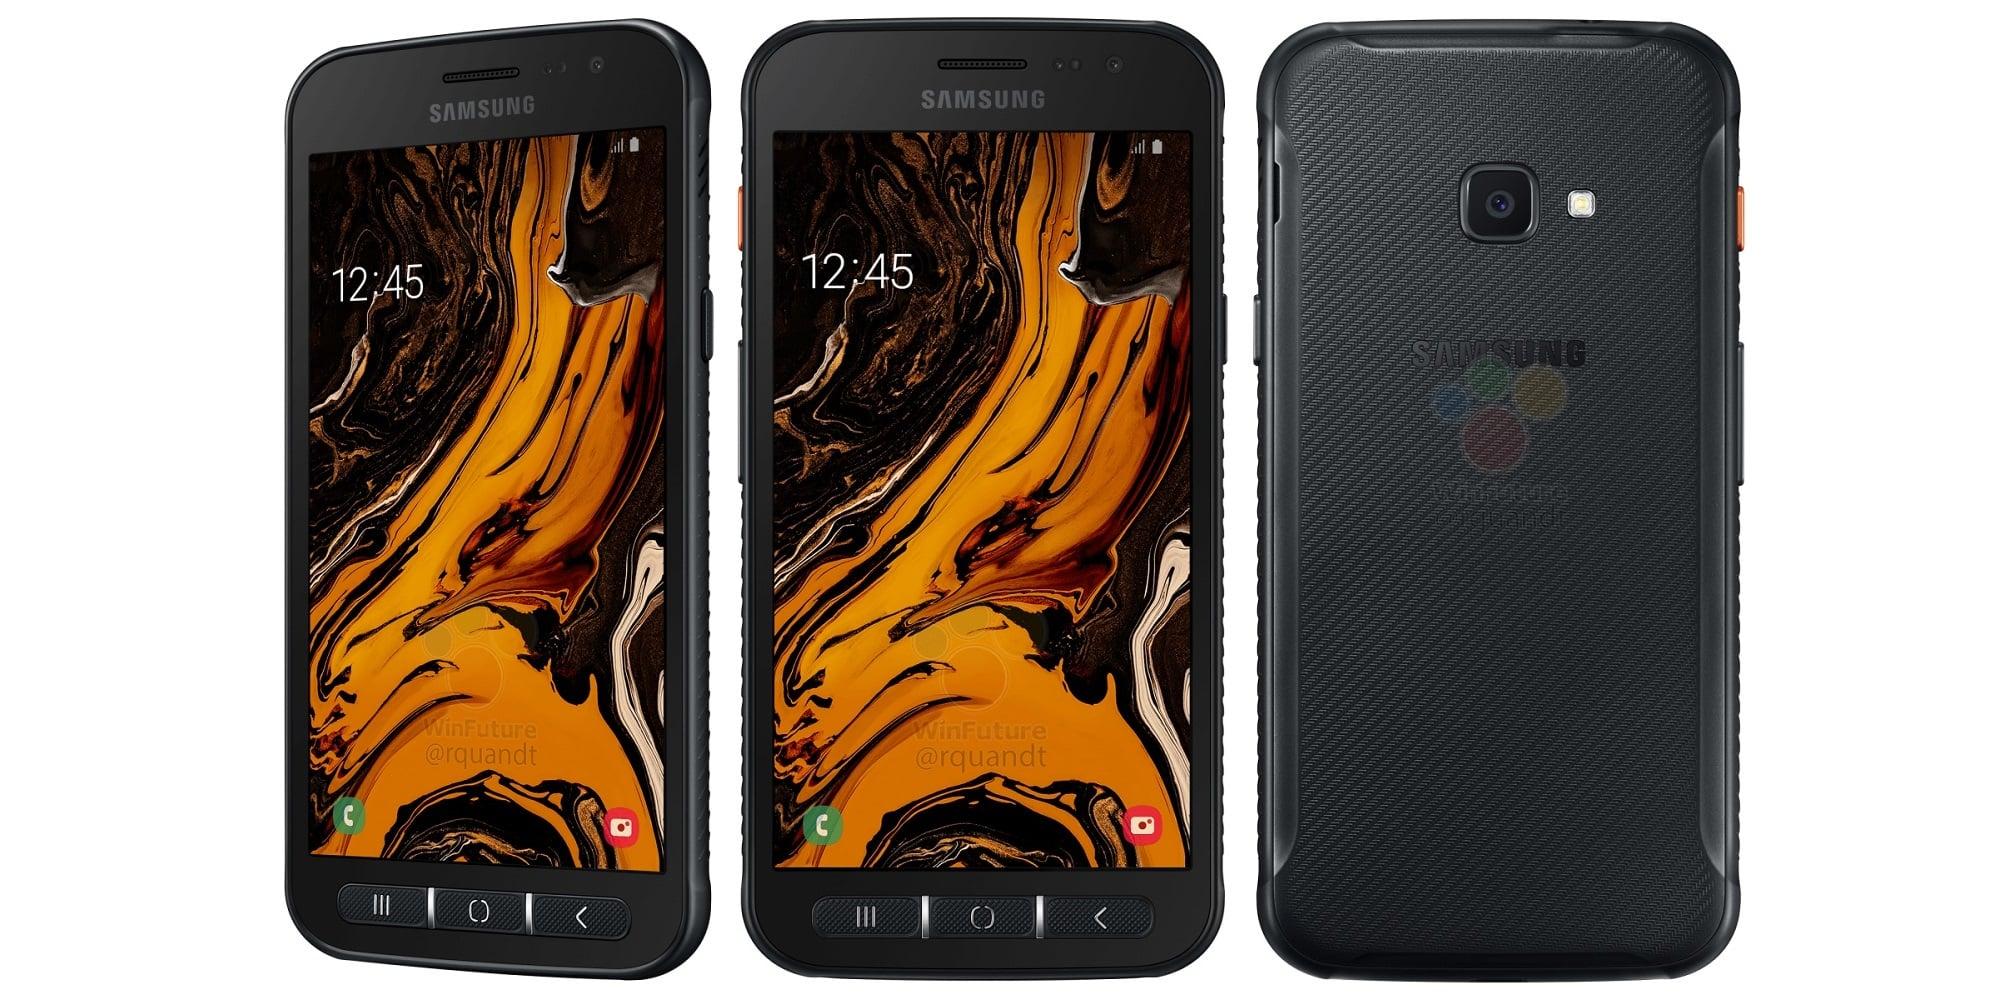 Galaxy Xcover 4S zaoferuje coś, o czym już zapomnieliśmy